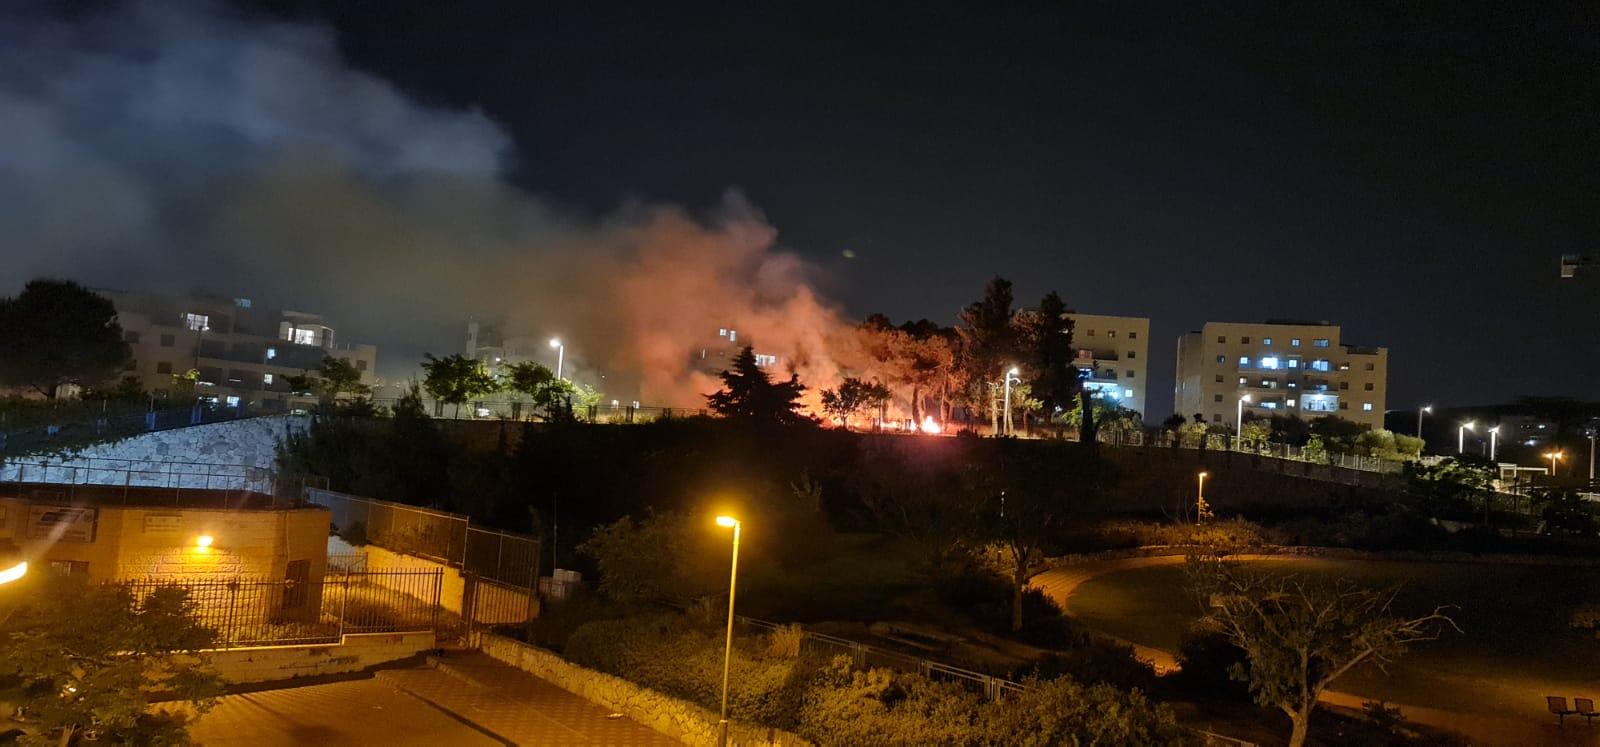 הפארק שהוצת הלילה בפסגת זאב (צילום: מפורסם לפי סעיף 27 א לחוק זכויות היוצרים, להוספת קרדיט נא לפנות למערכת)